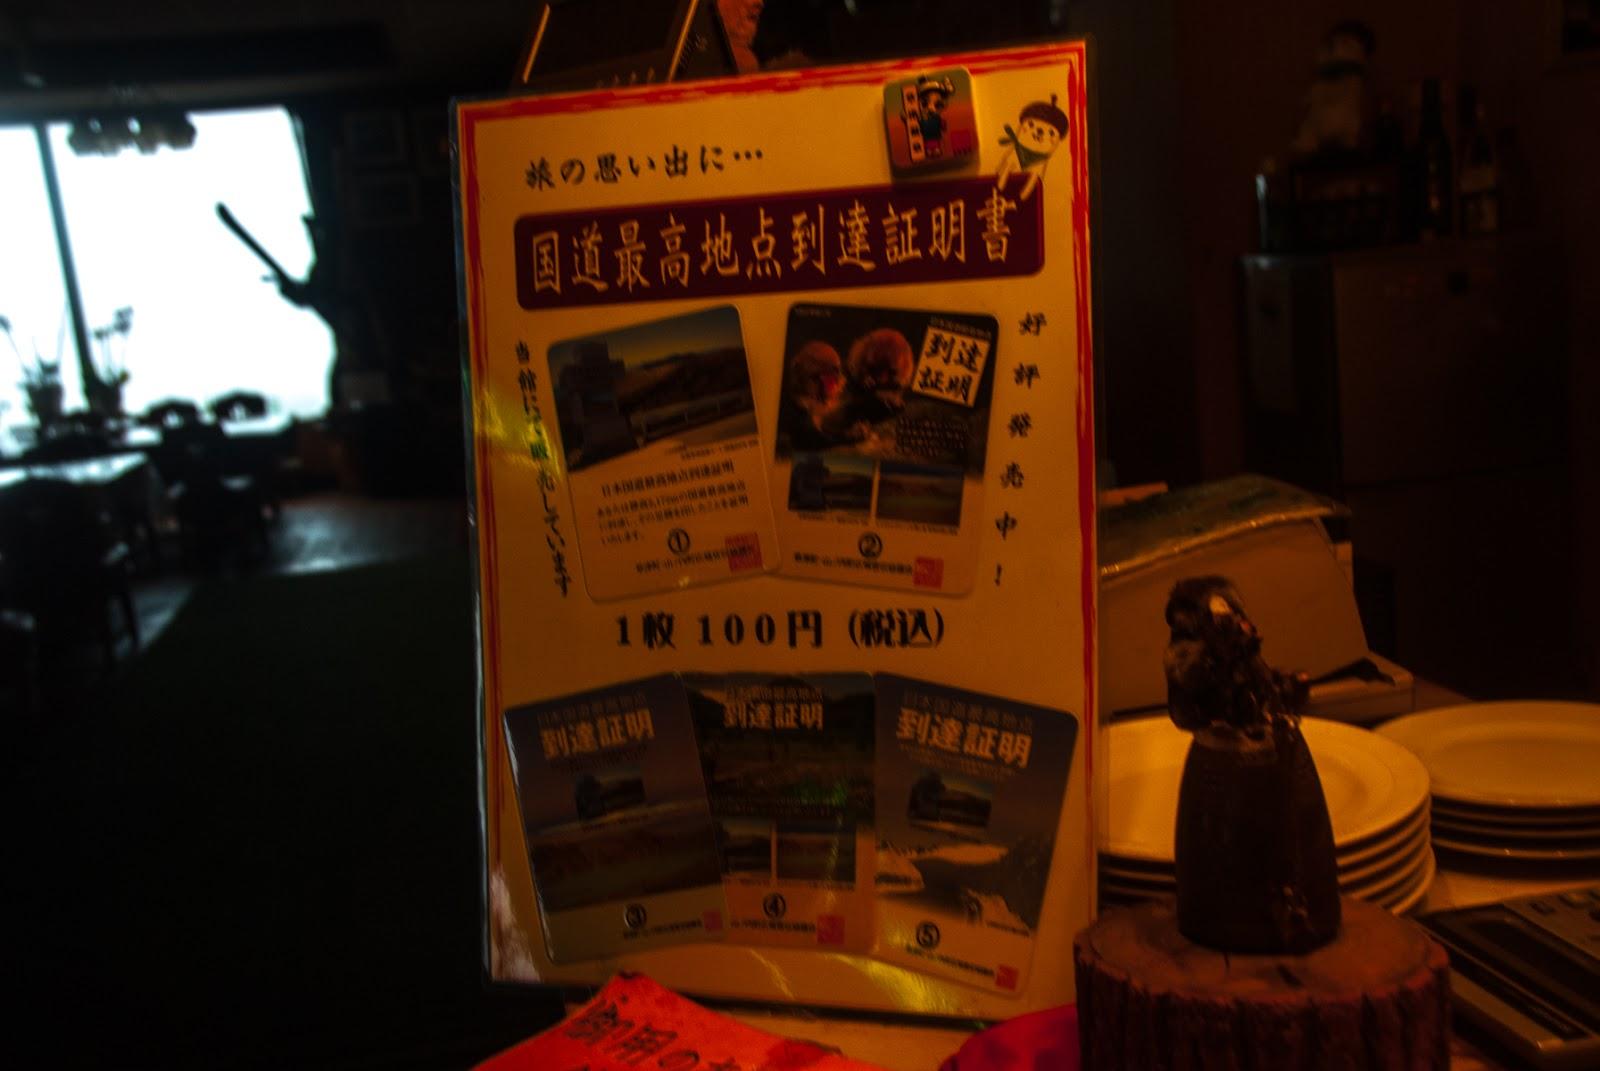 国道最高地点到達証明書 販売 100円